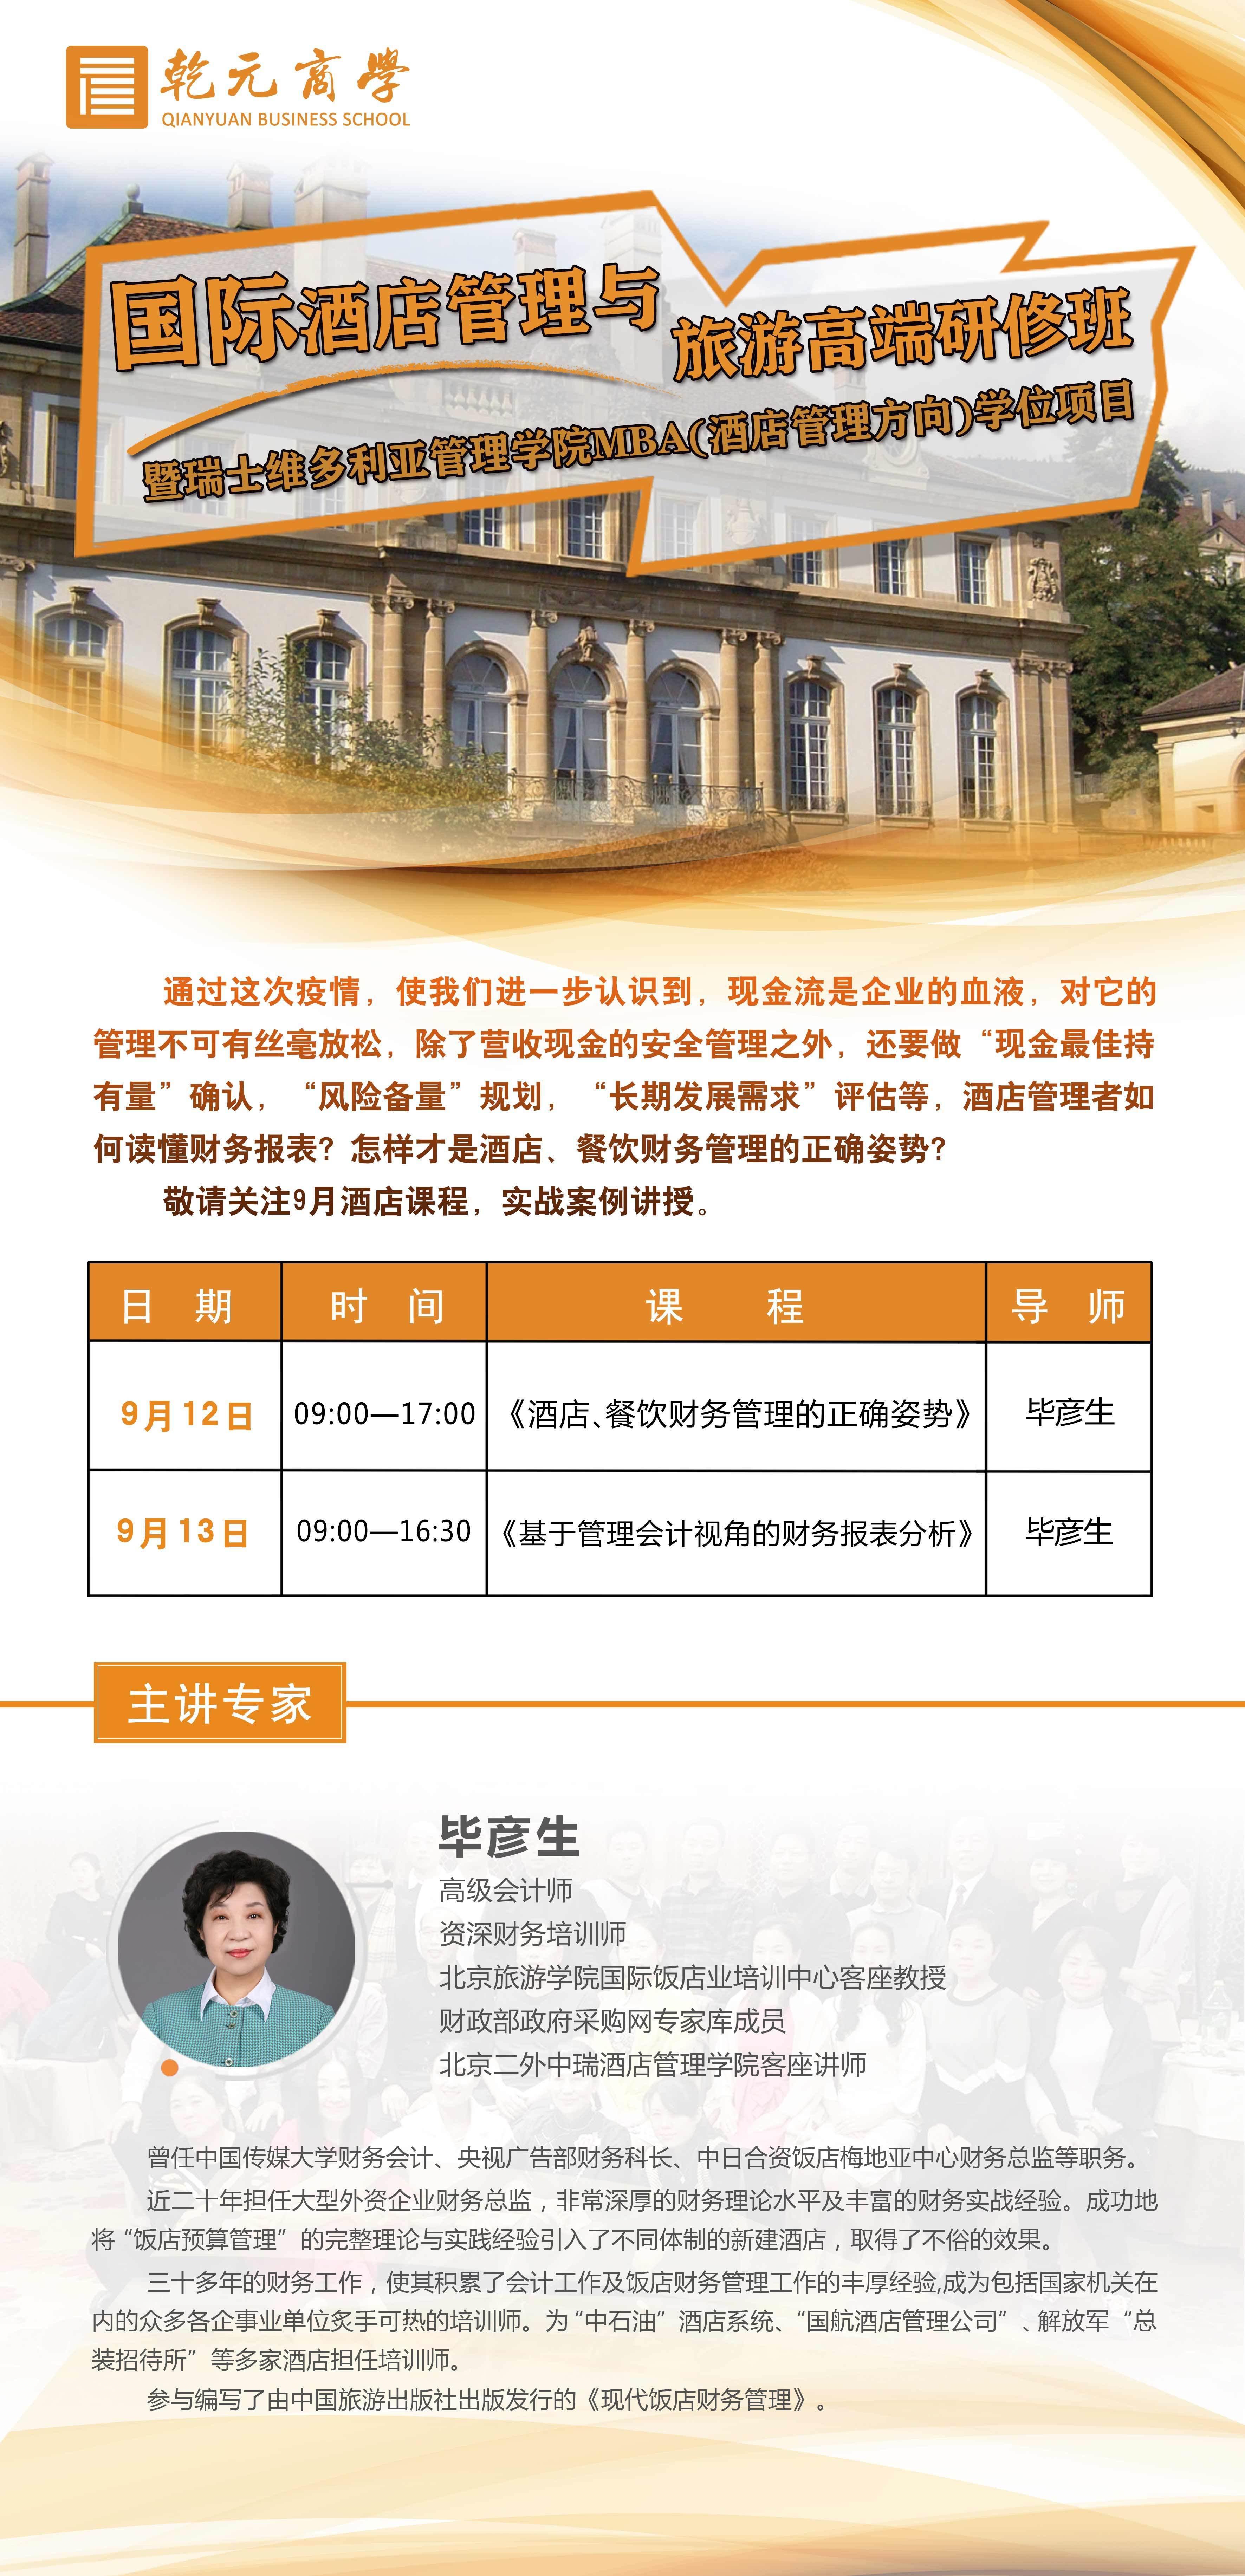 酒店管理与旅游开发9月